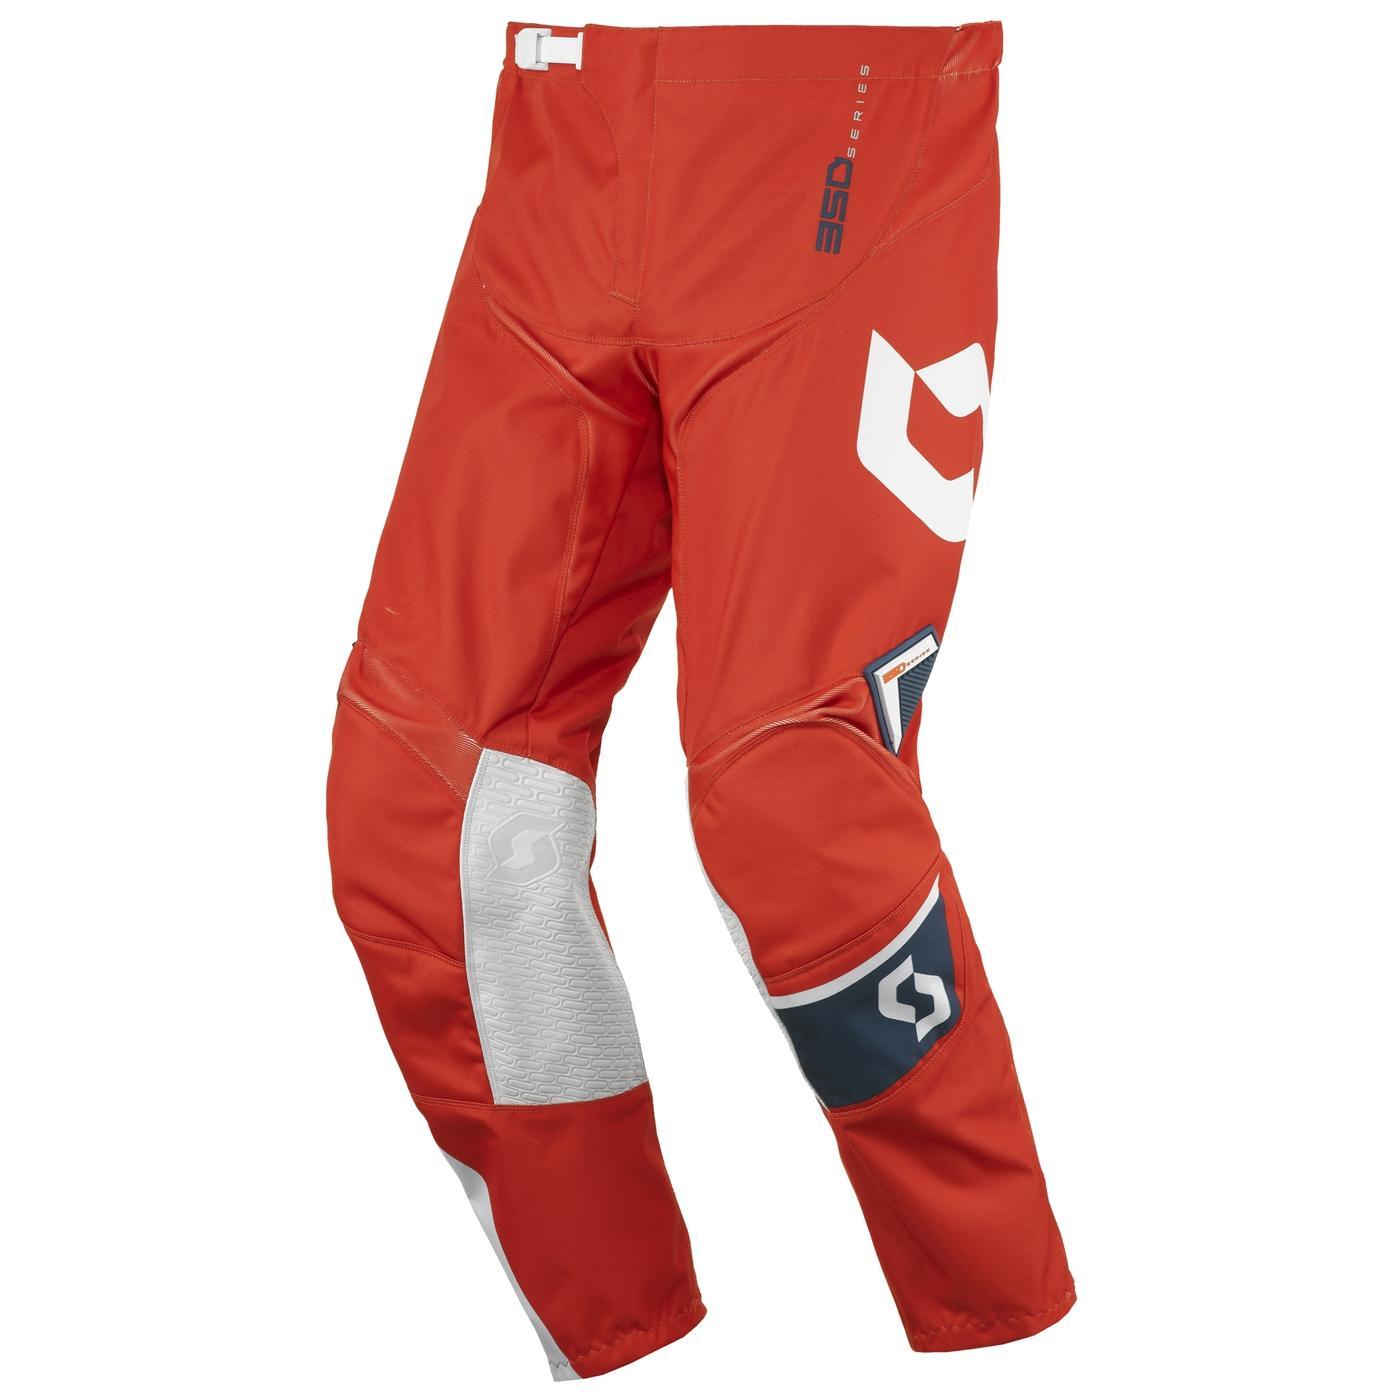 Scott 350 Dirt MX Bukse – Blå/Orange - 24